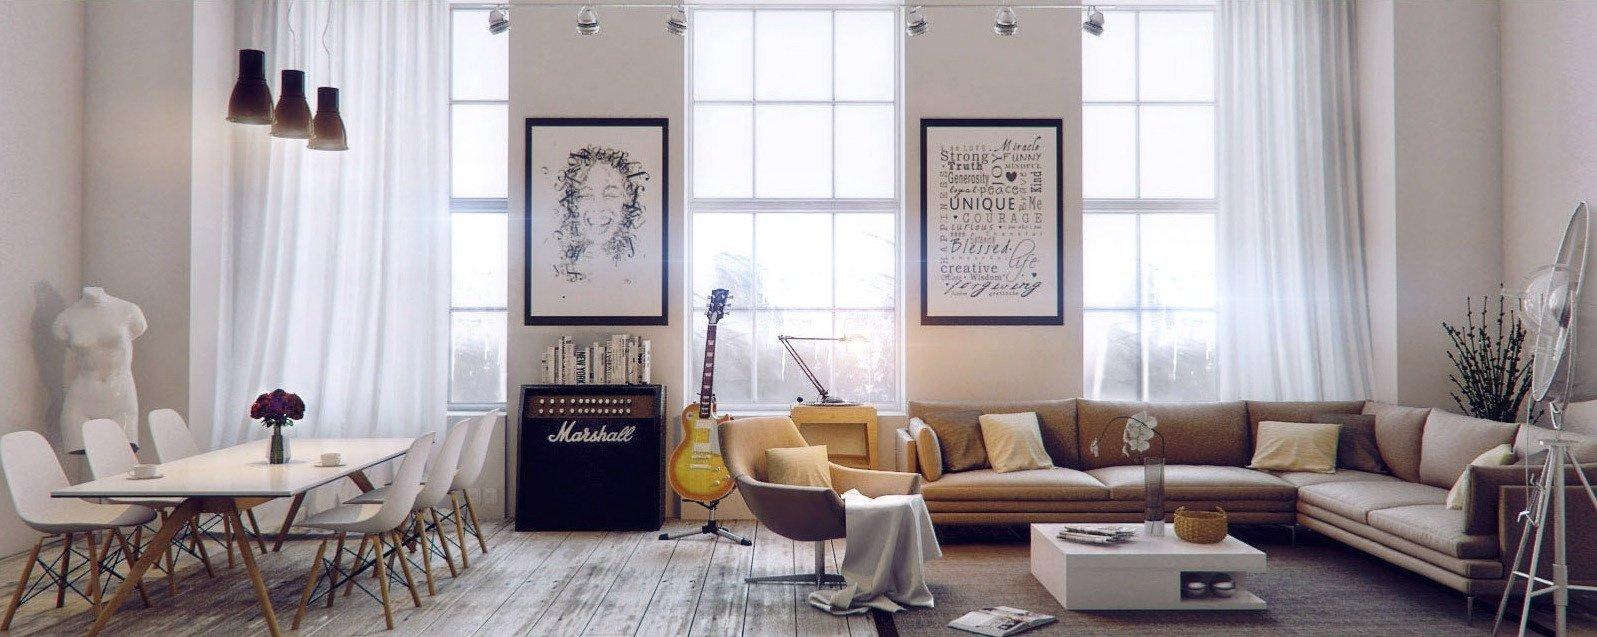 Dobře uspořádaný pokoj s vkusnými doplňky a vzdušnými závěsy - tento domov vás bude bavit.